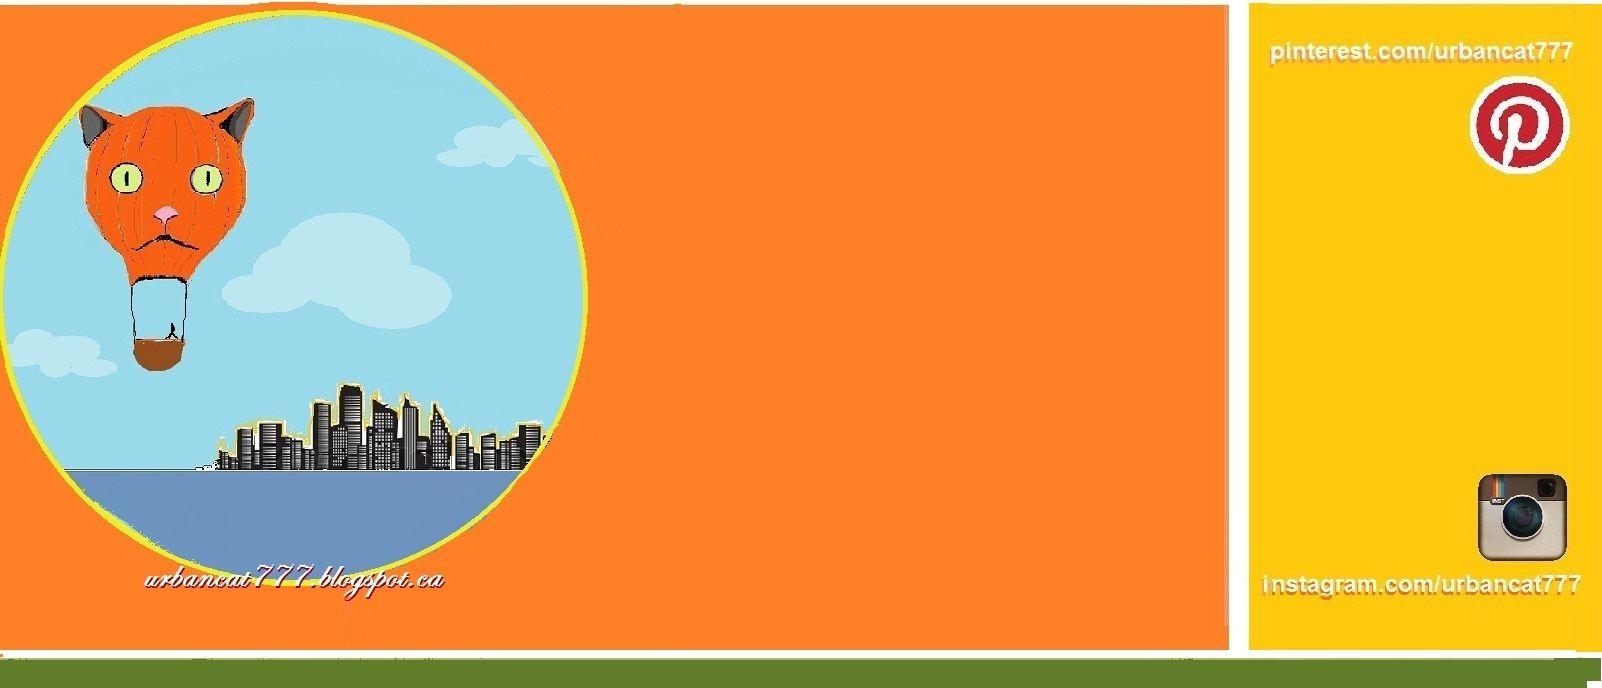 Urbancat777 Twitter cover 12.9.12